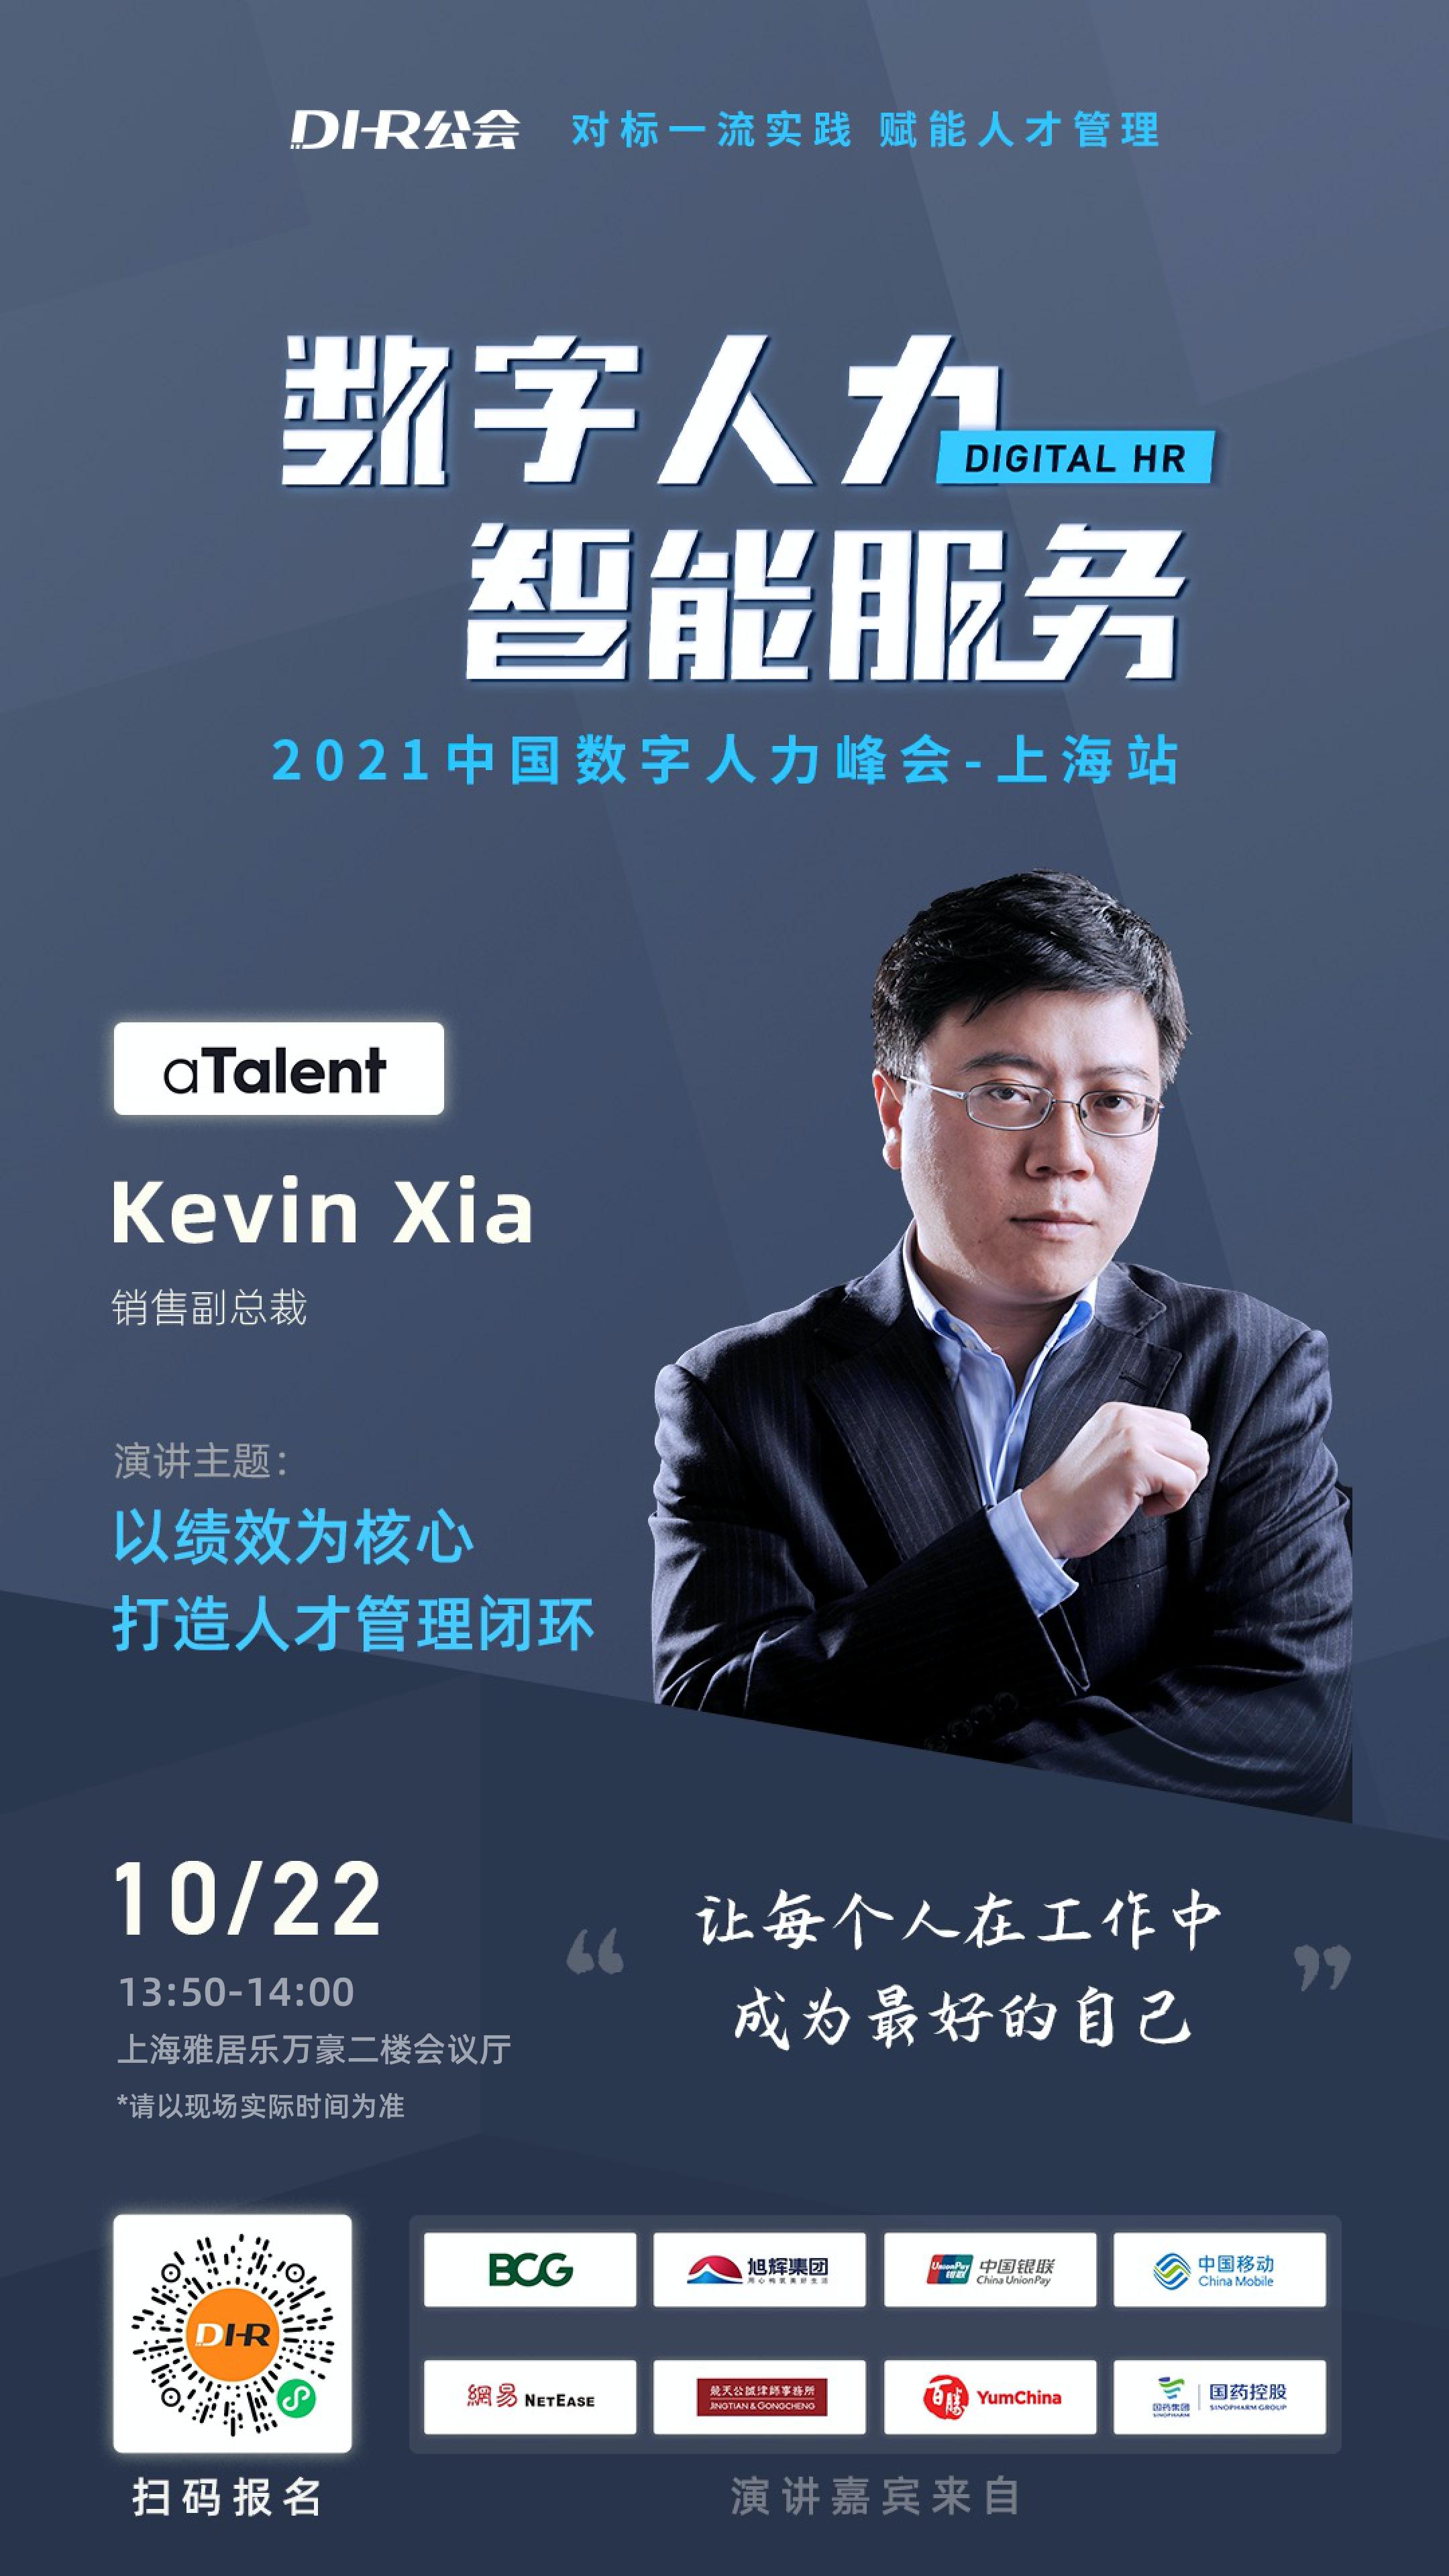 免费报名|终于来上海了!2021.10.22,我们相约在DHR公会中国数字人力峰会上海站! 3